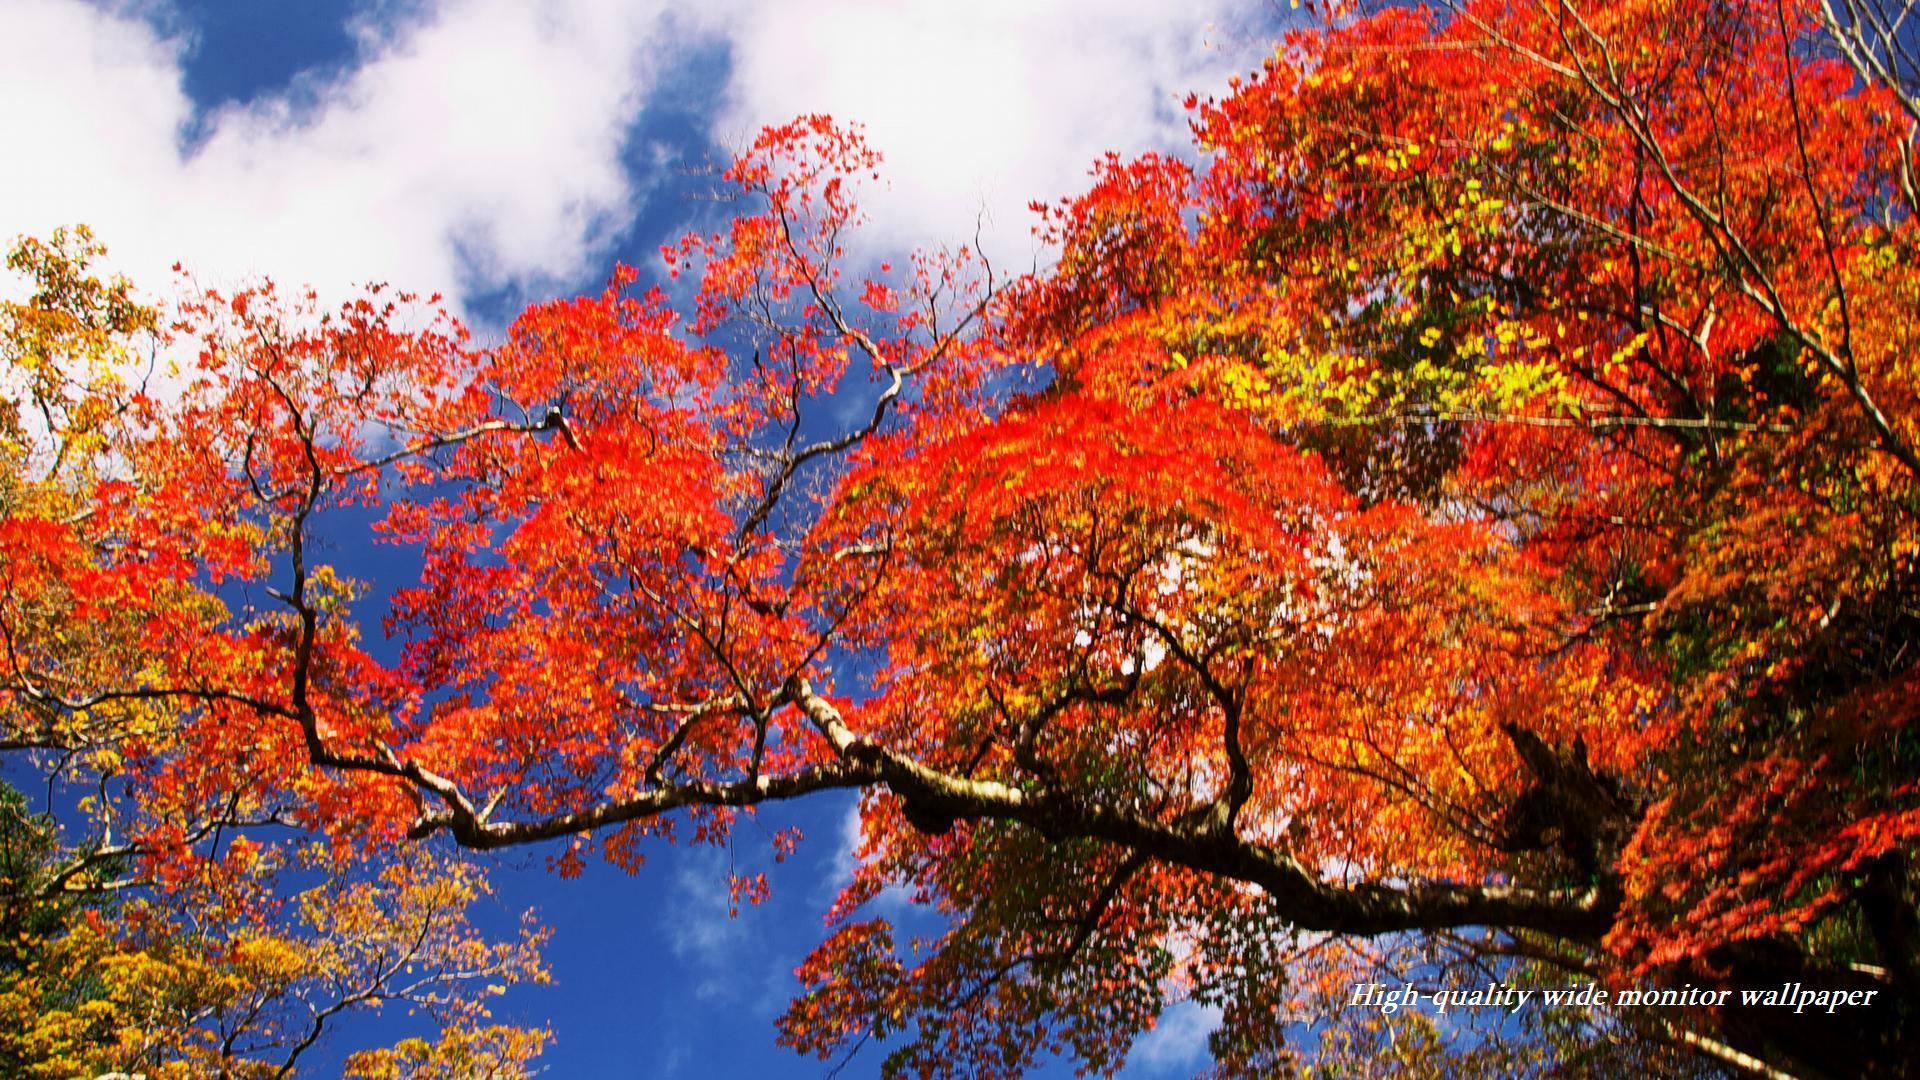 真っ赤に萌える紅葉をモチーフにしましたワイドモニター専門高画質壁紙 アスペクト比16 9 19 1080 秋の風景 自然風景 花 景色